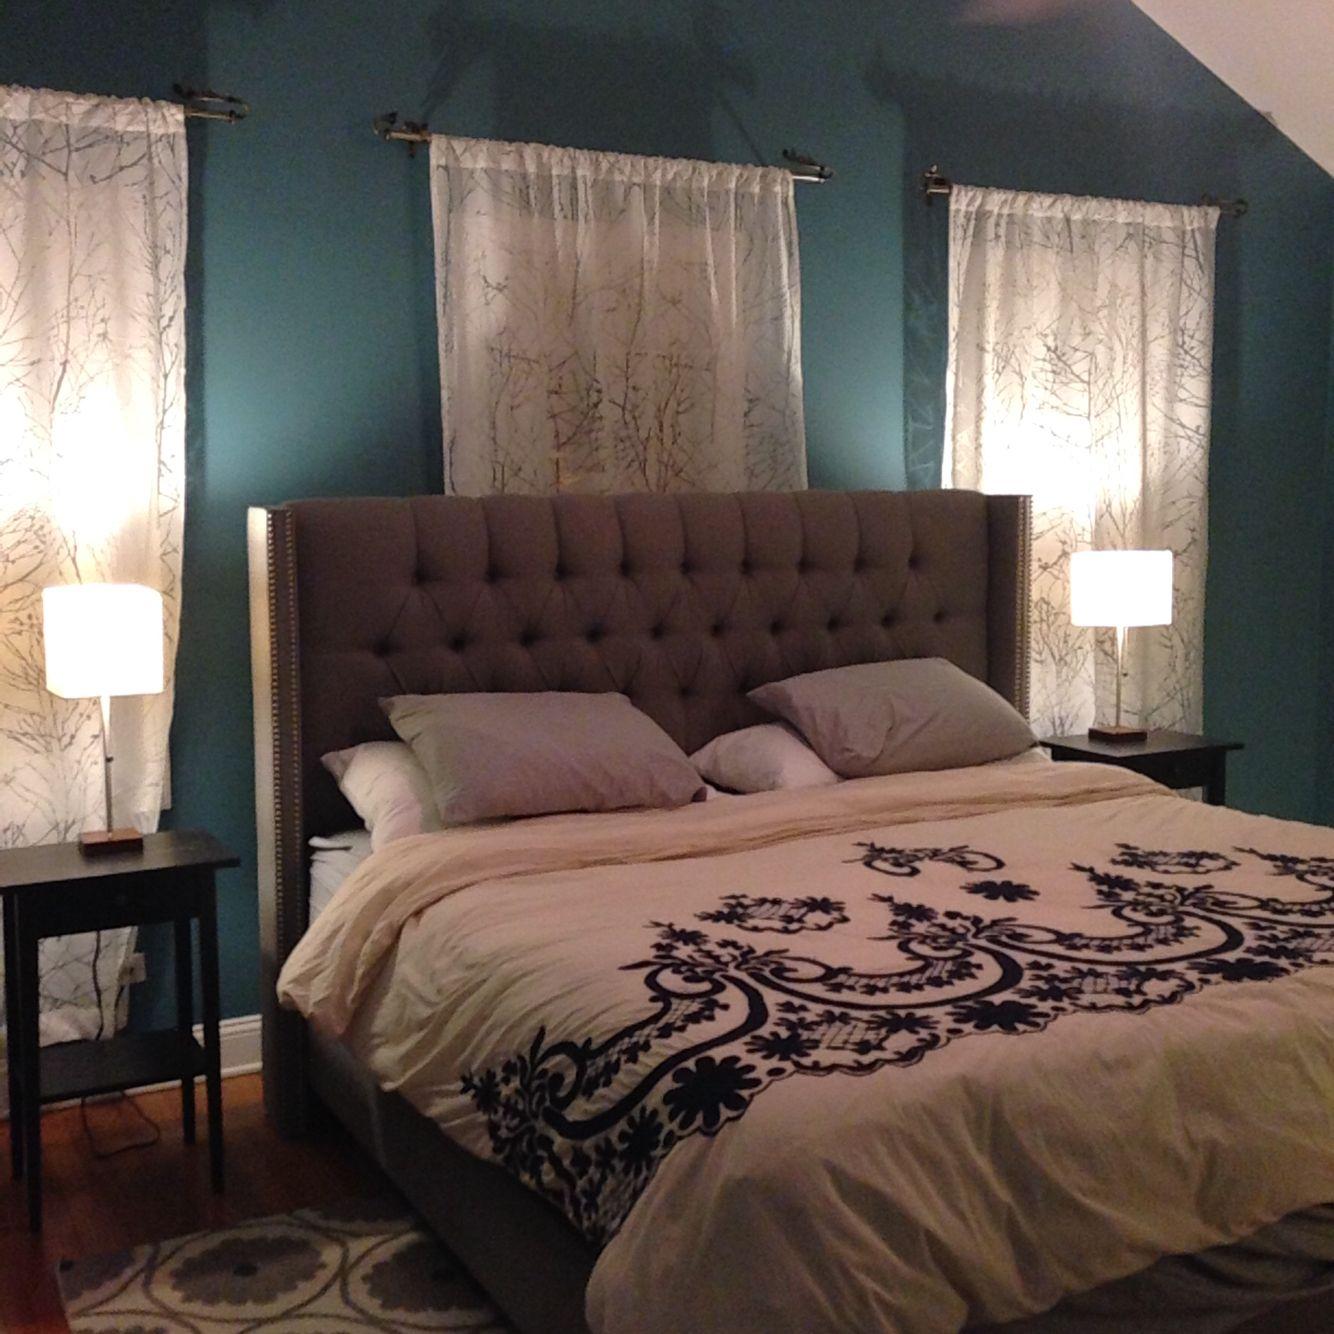 Bedroom Bookshelves Bedroom Colors Benjamin Moore Peppa Pig Bedroom Accessories Black Glitter Wallpaper Bedroom: Our Bedroom! Paint Is Baltic Sea From Benjamin Moore